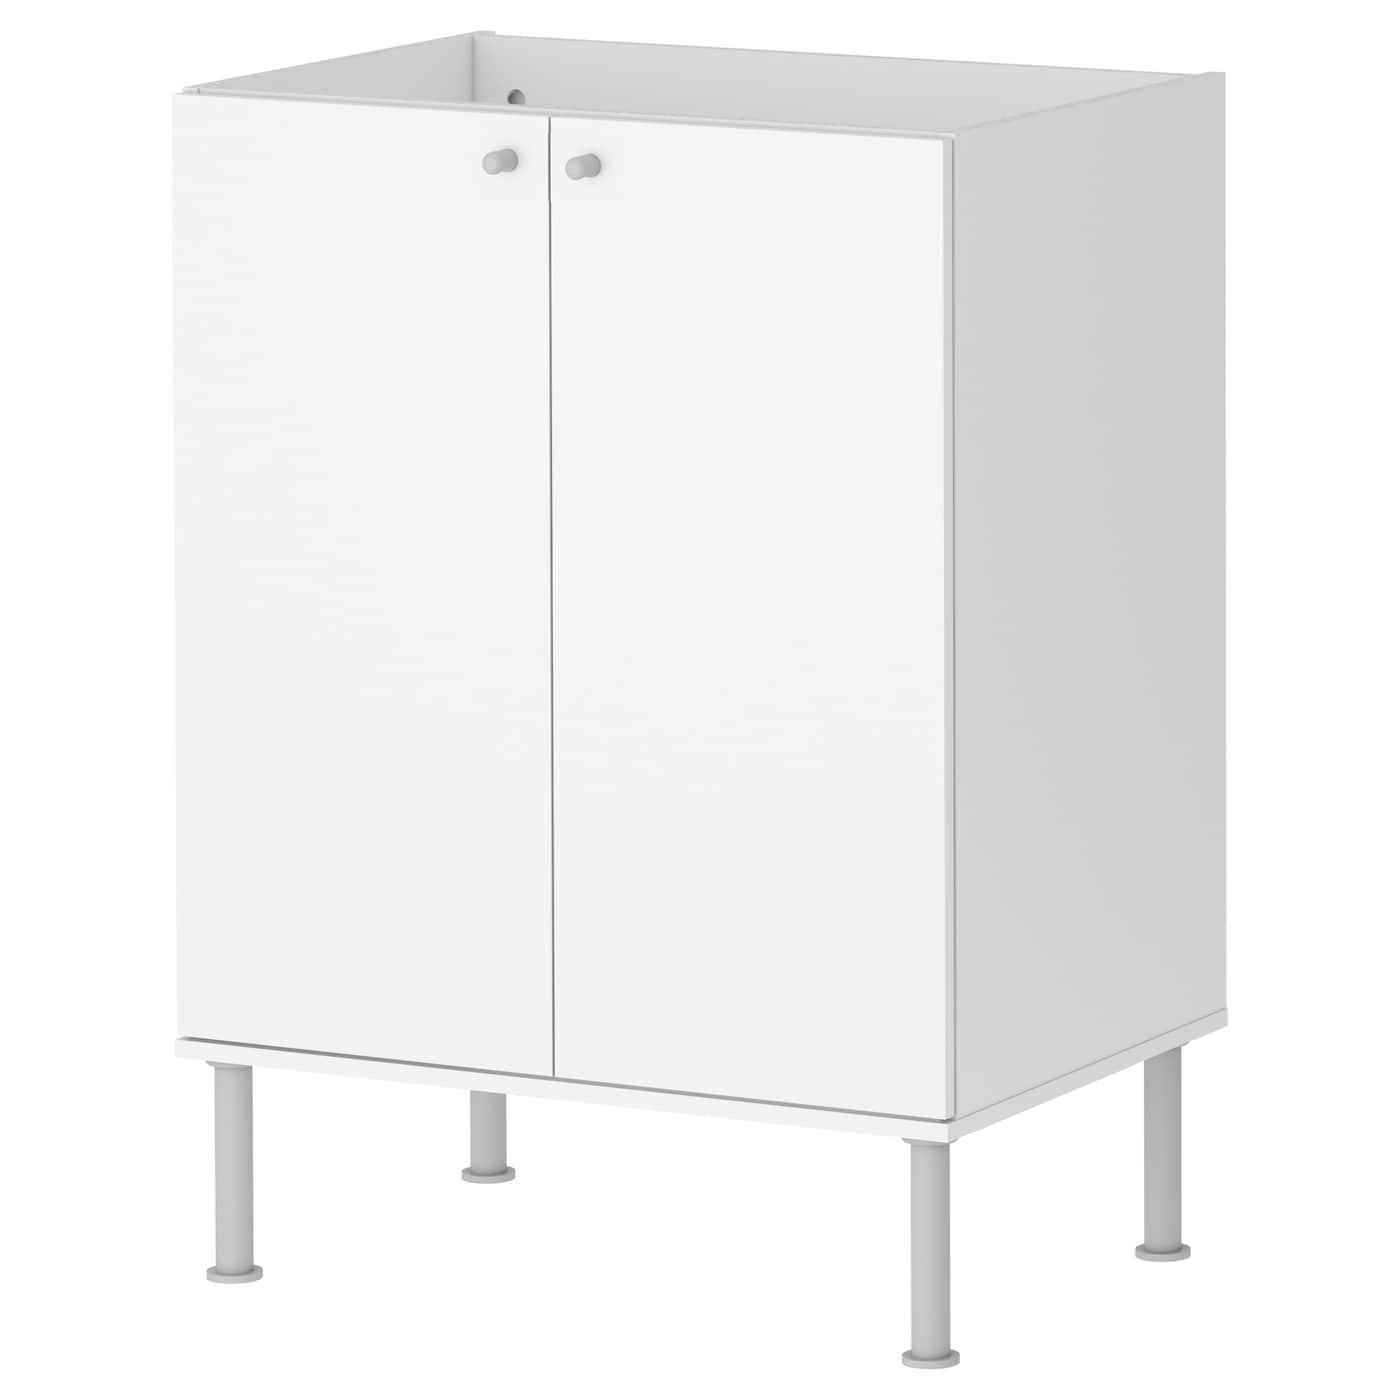 FULLEN Waschbeckenunterschrank, 2 Türen - IKEA